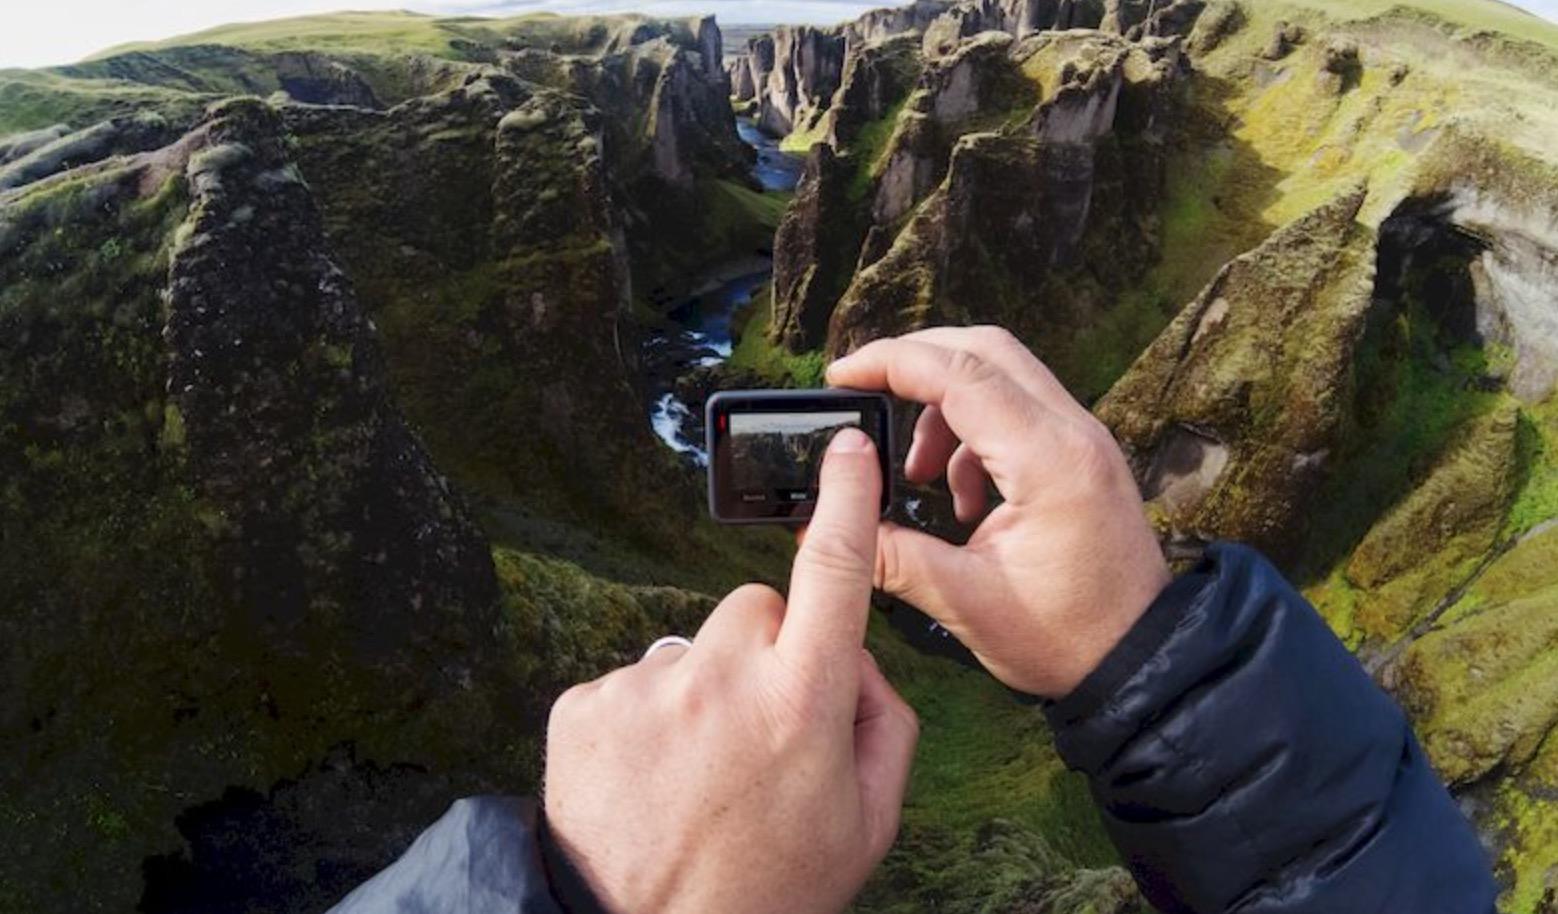 GoPro Hero 6 Black video 4K 60 fps